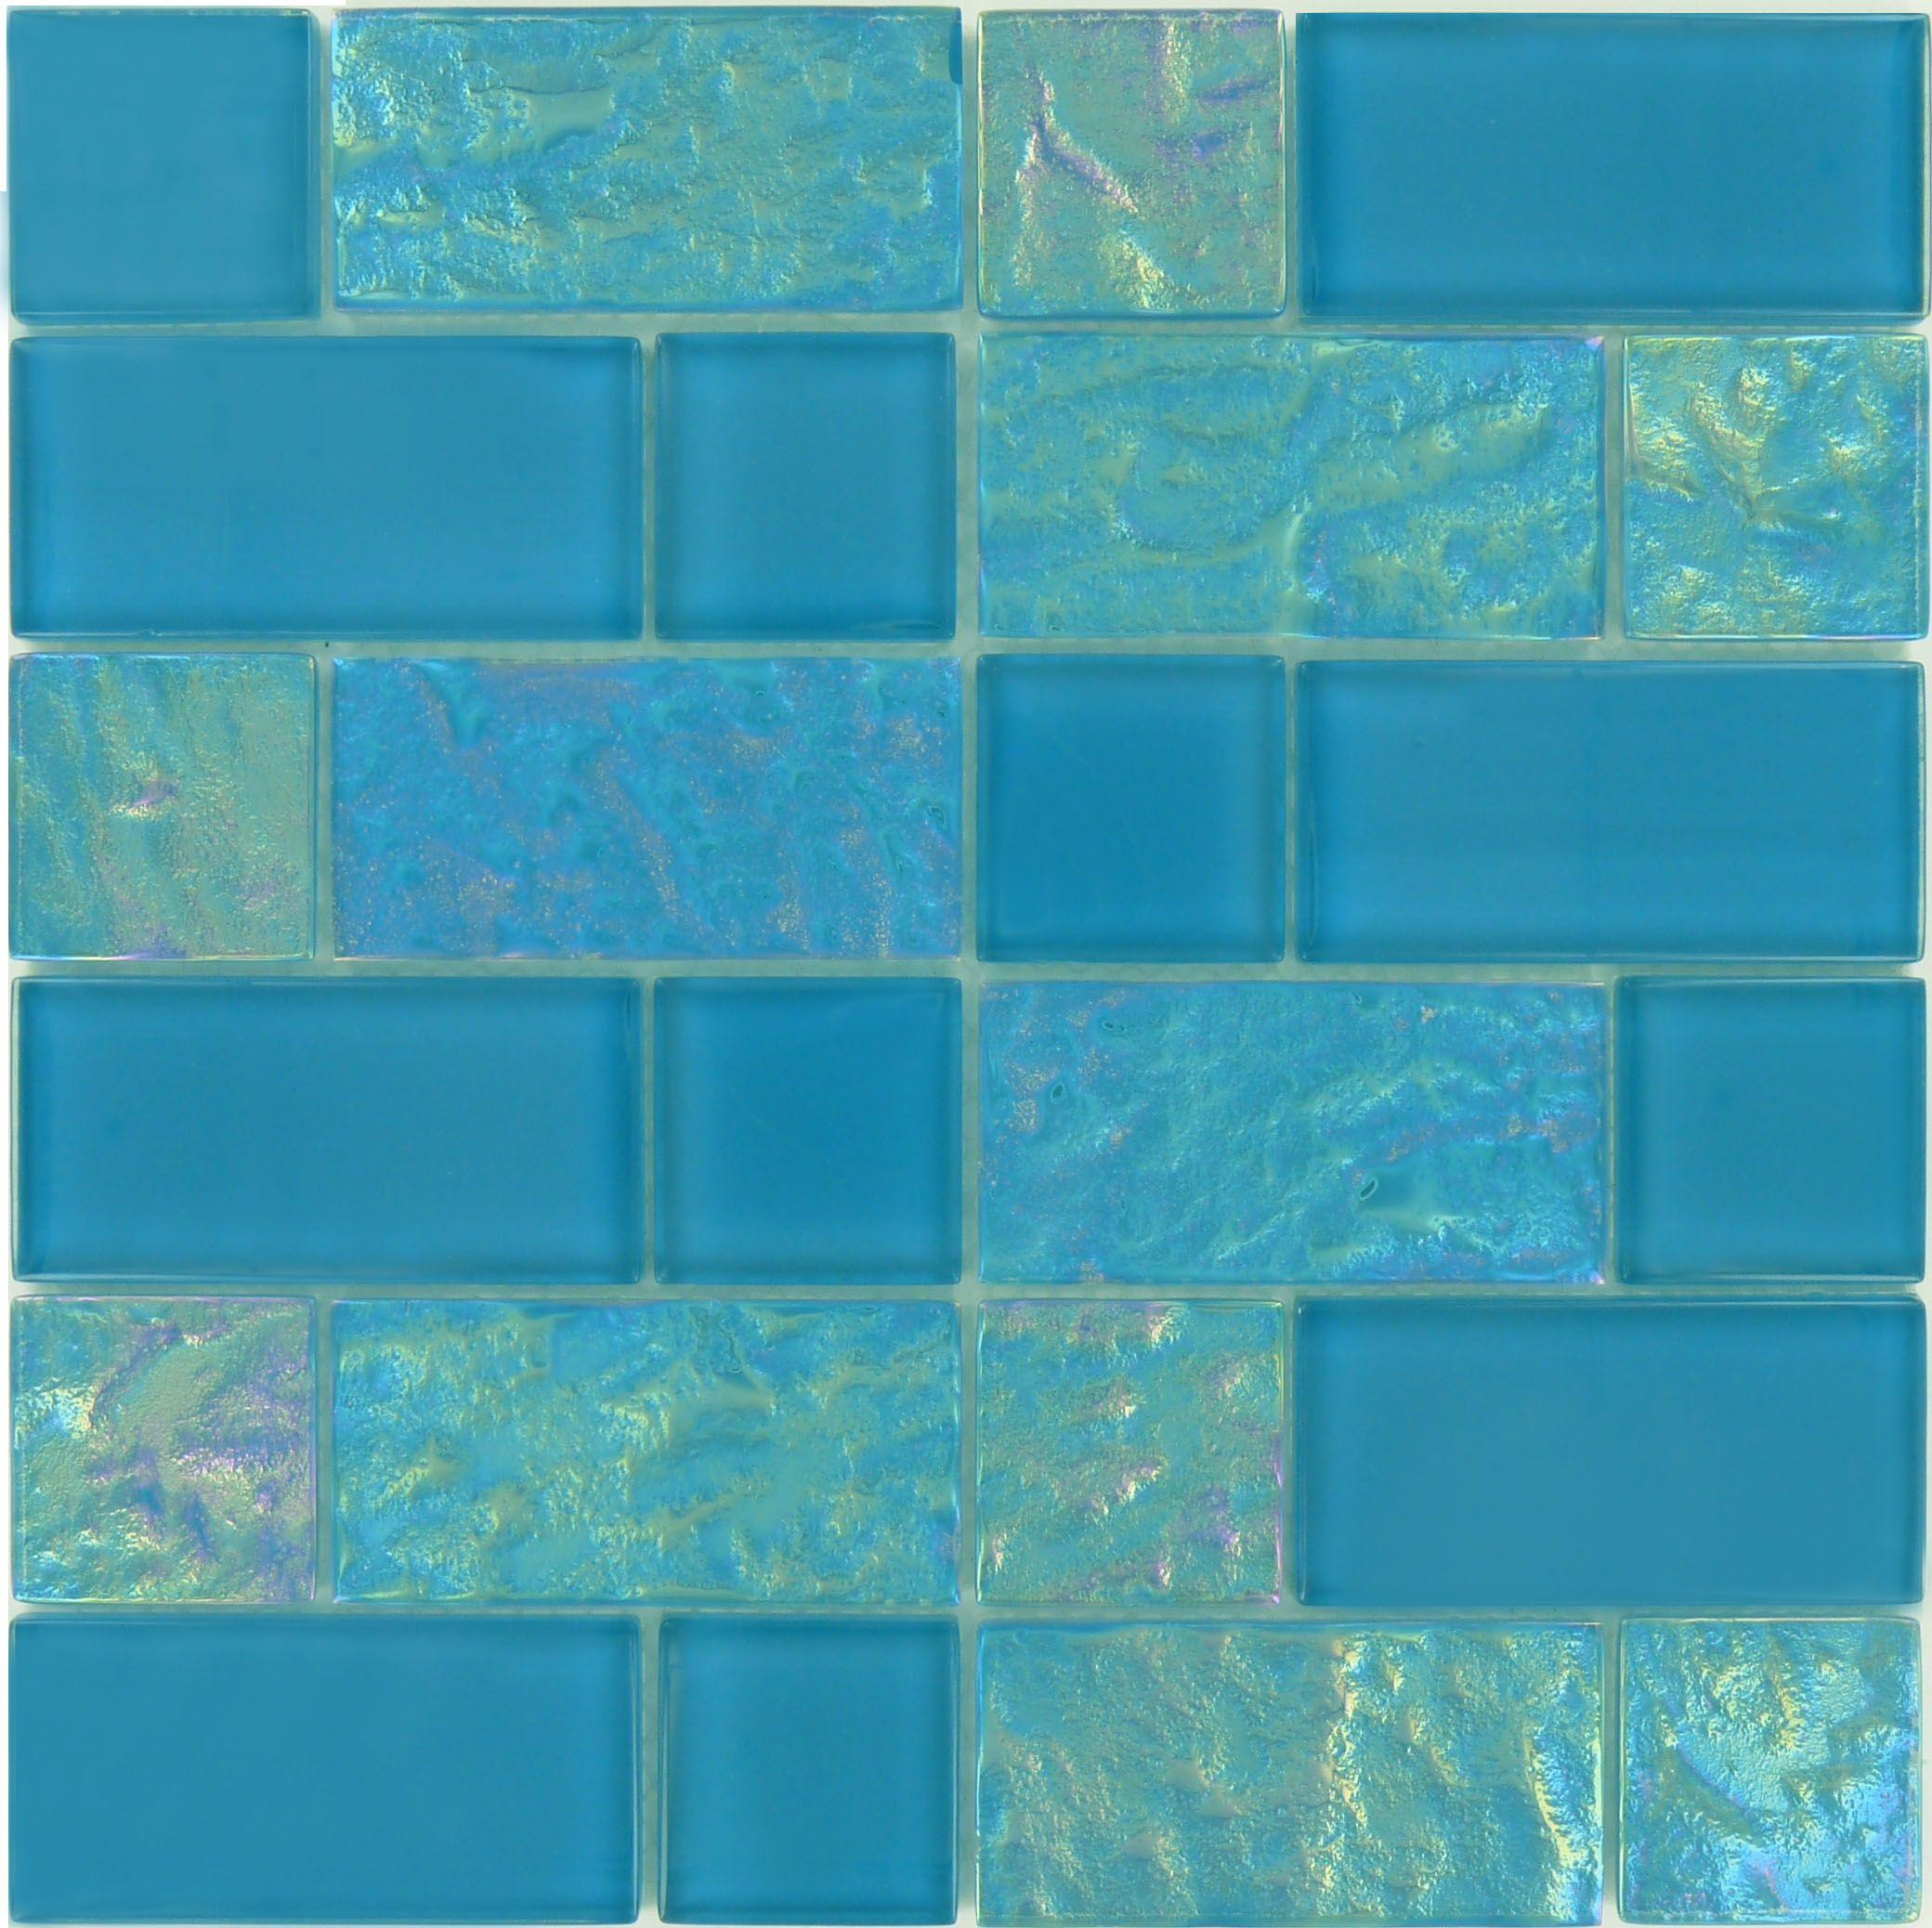 Ocean Pool Mosaic Splash Series Unique Shapes Breeze Unique Shapes Blue Glossy Iridescent Glass Tile Glossy Iridescent Glass Tiles Glass Tile Pool Tile